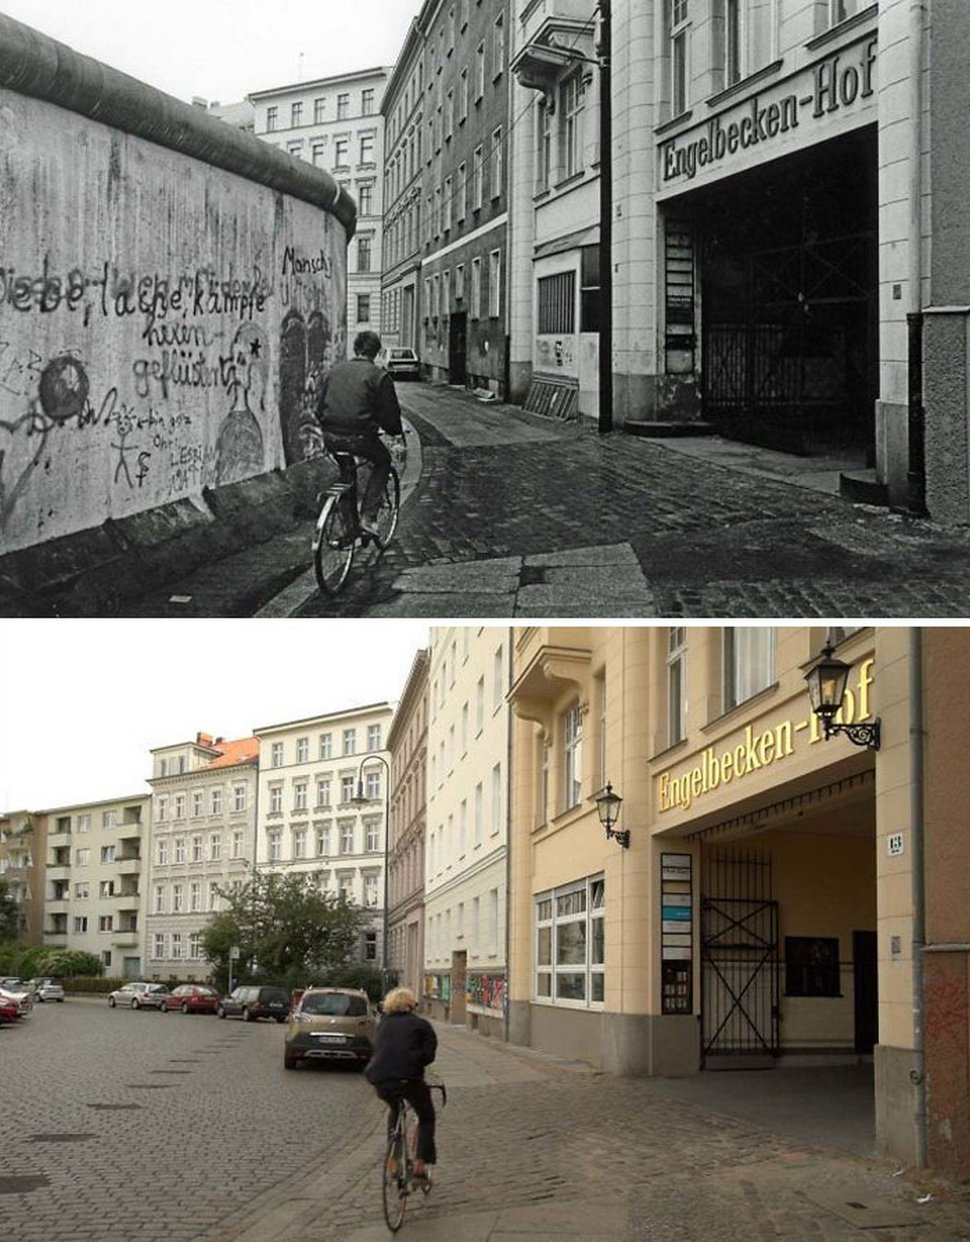 Des gens partagent des photos «hier et aujourd'hui» pour montrer comment le temps change les choses